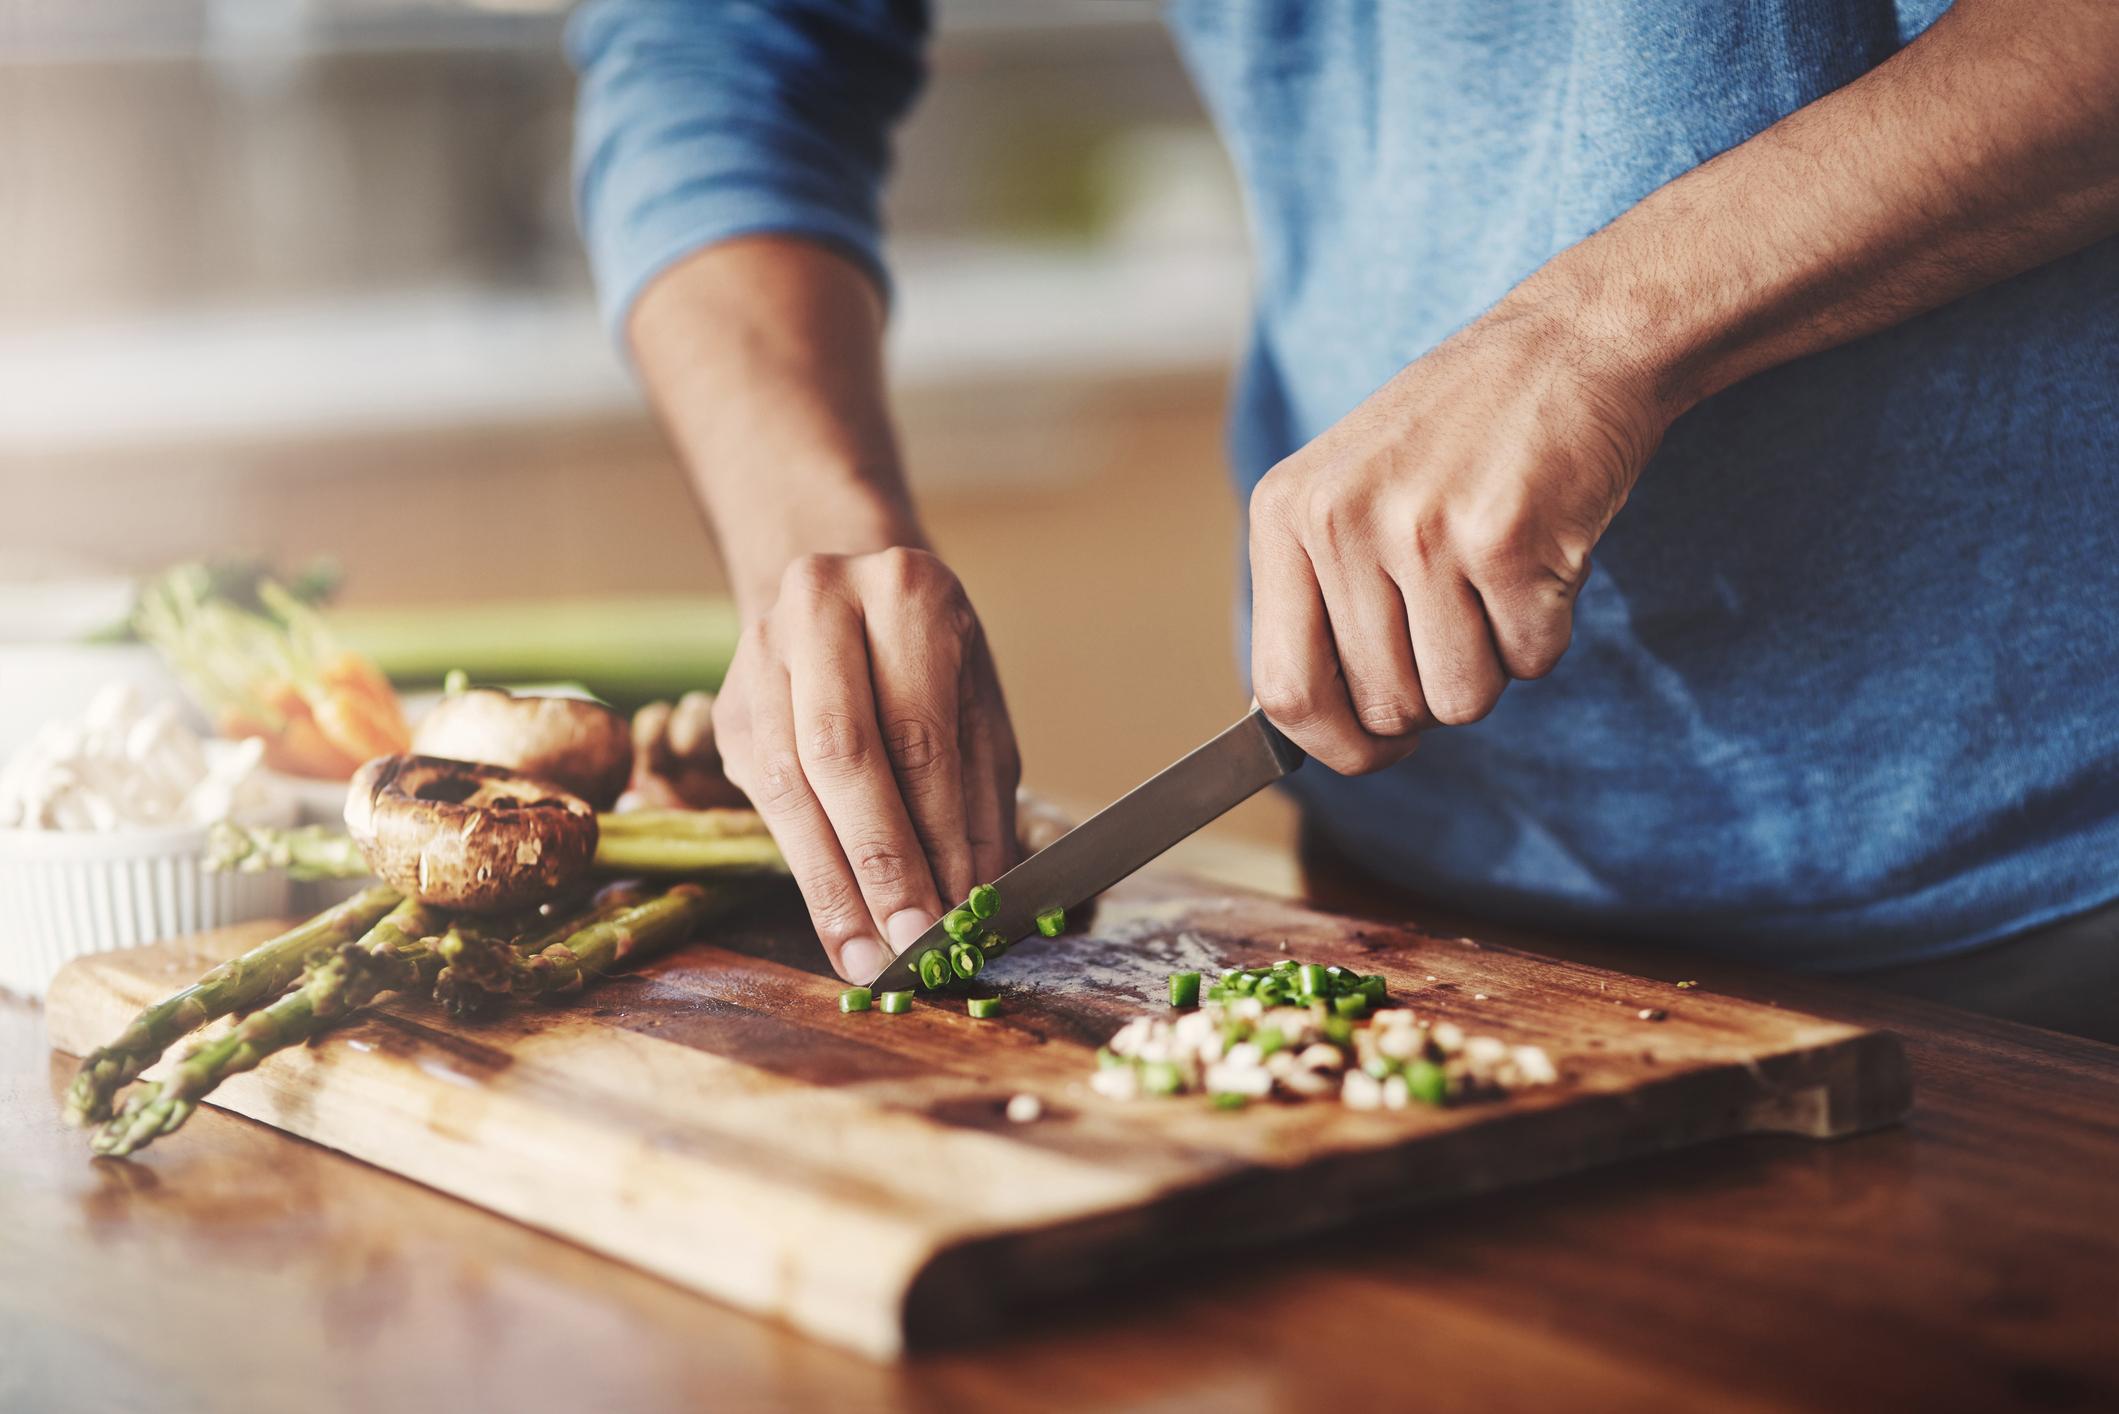 man slicing veggies for dinner